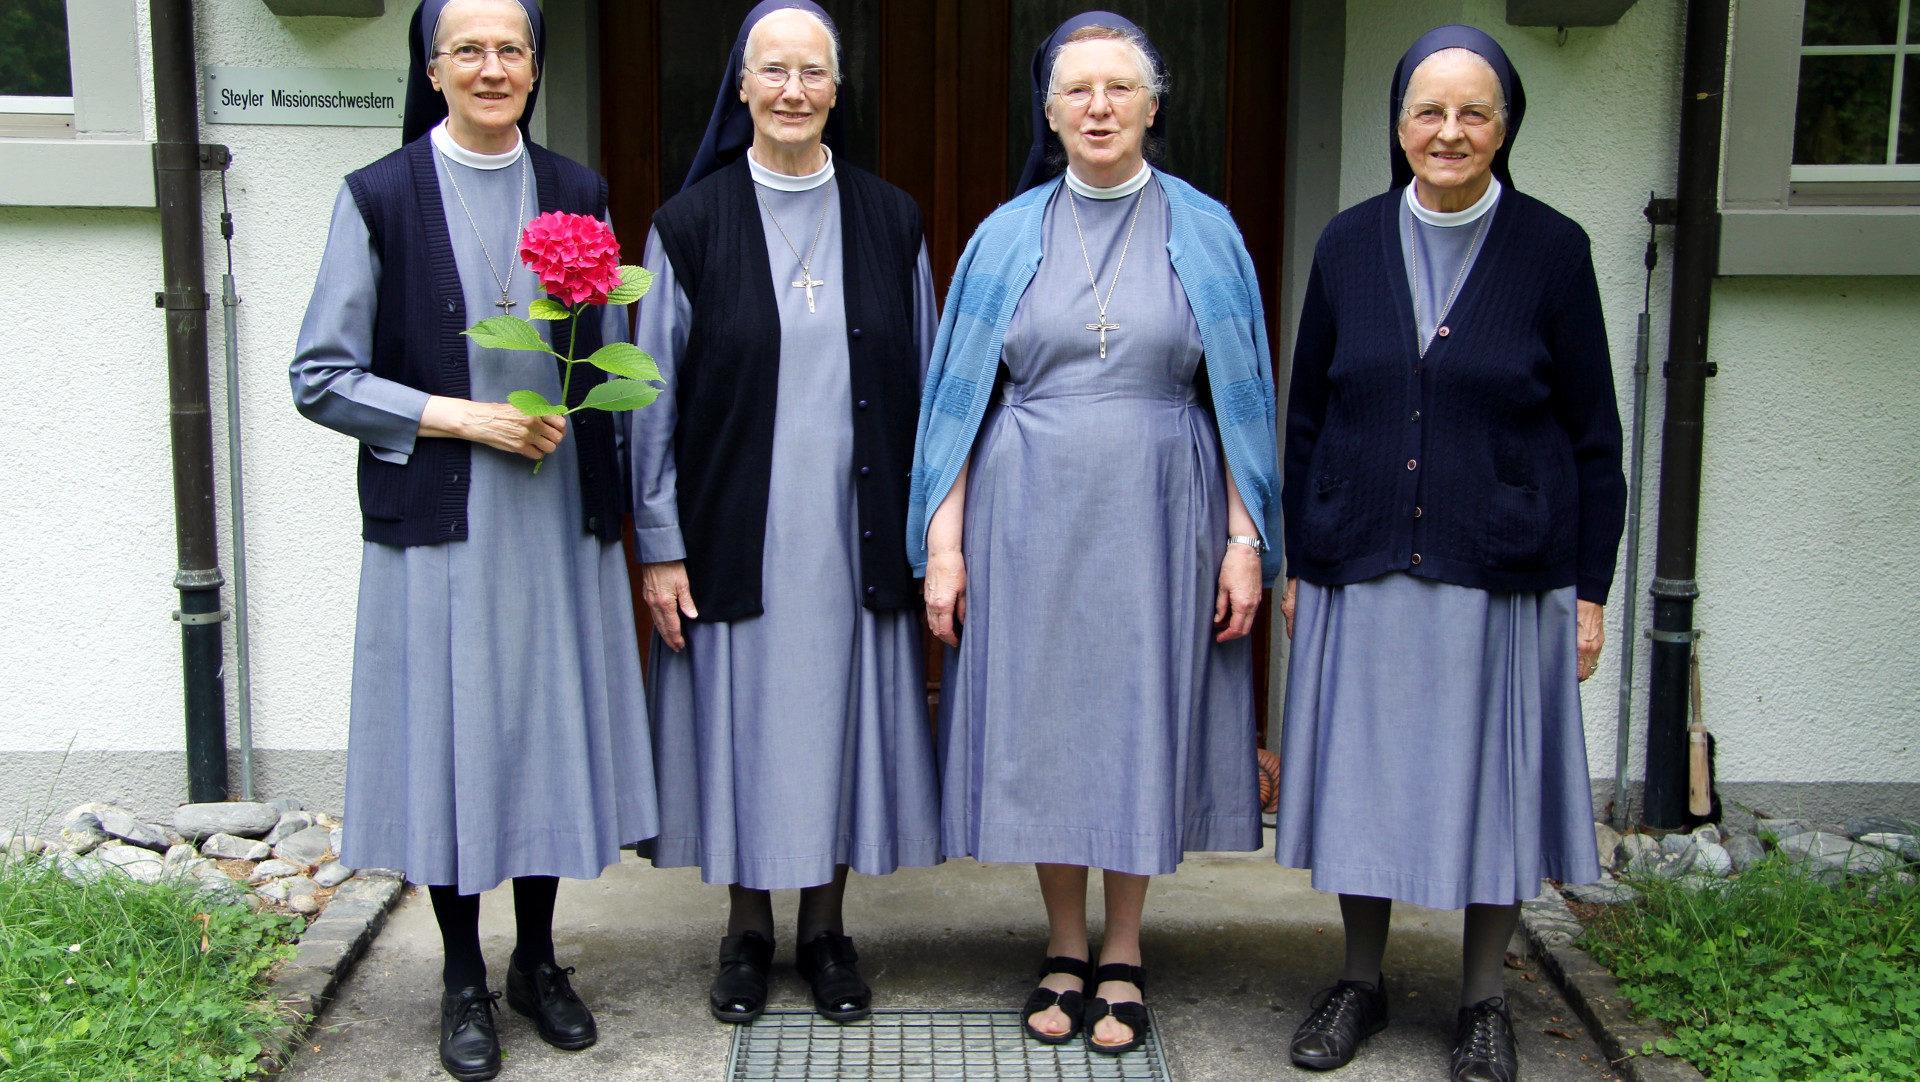 Steyler Missionsschwestern